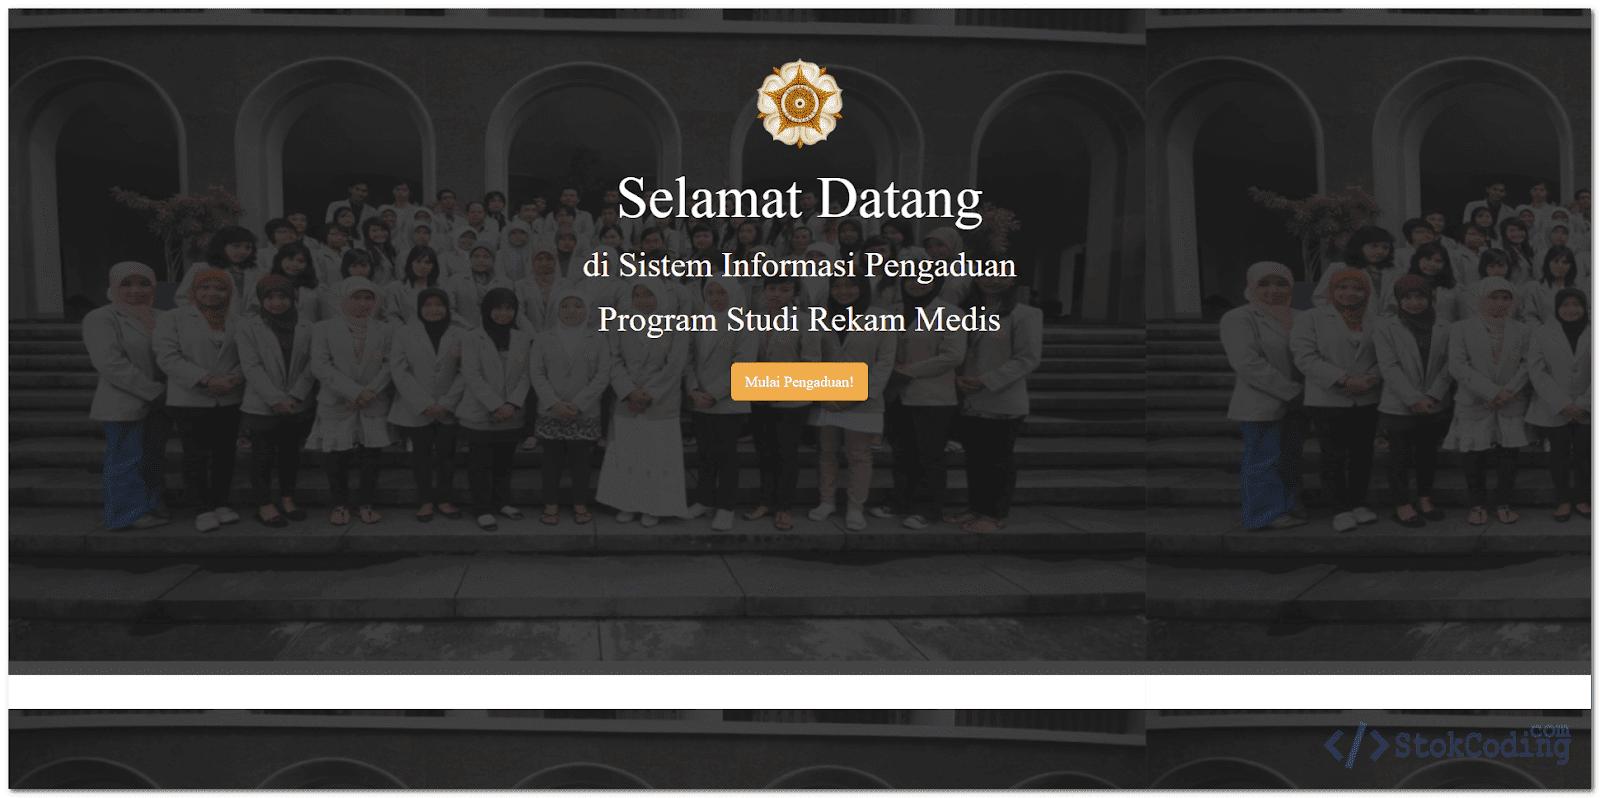 Sistem Informasi Pengaduan Kampus (Codeigniter)